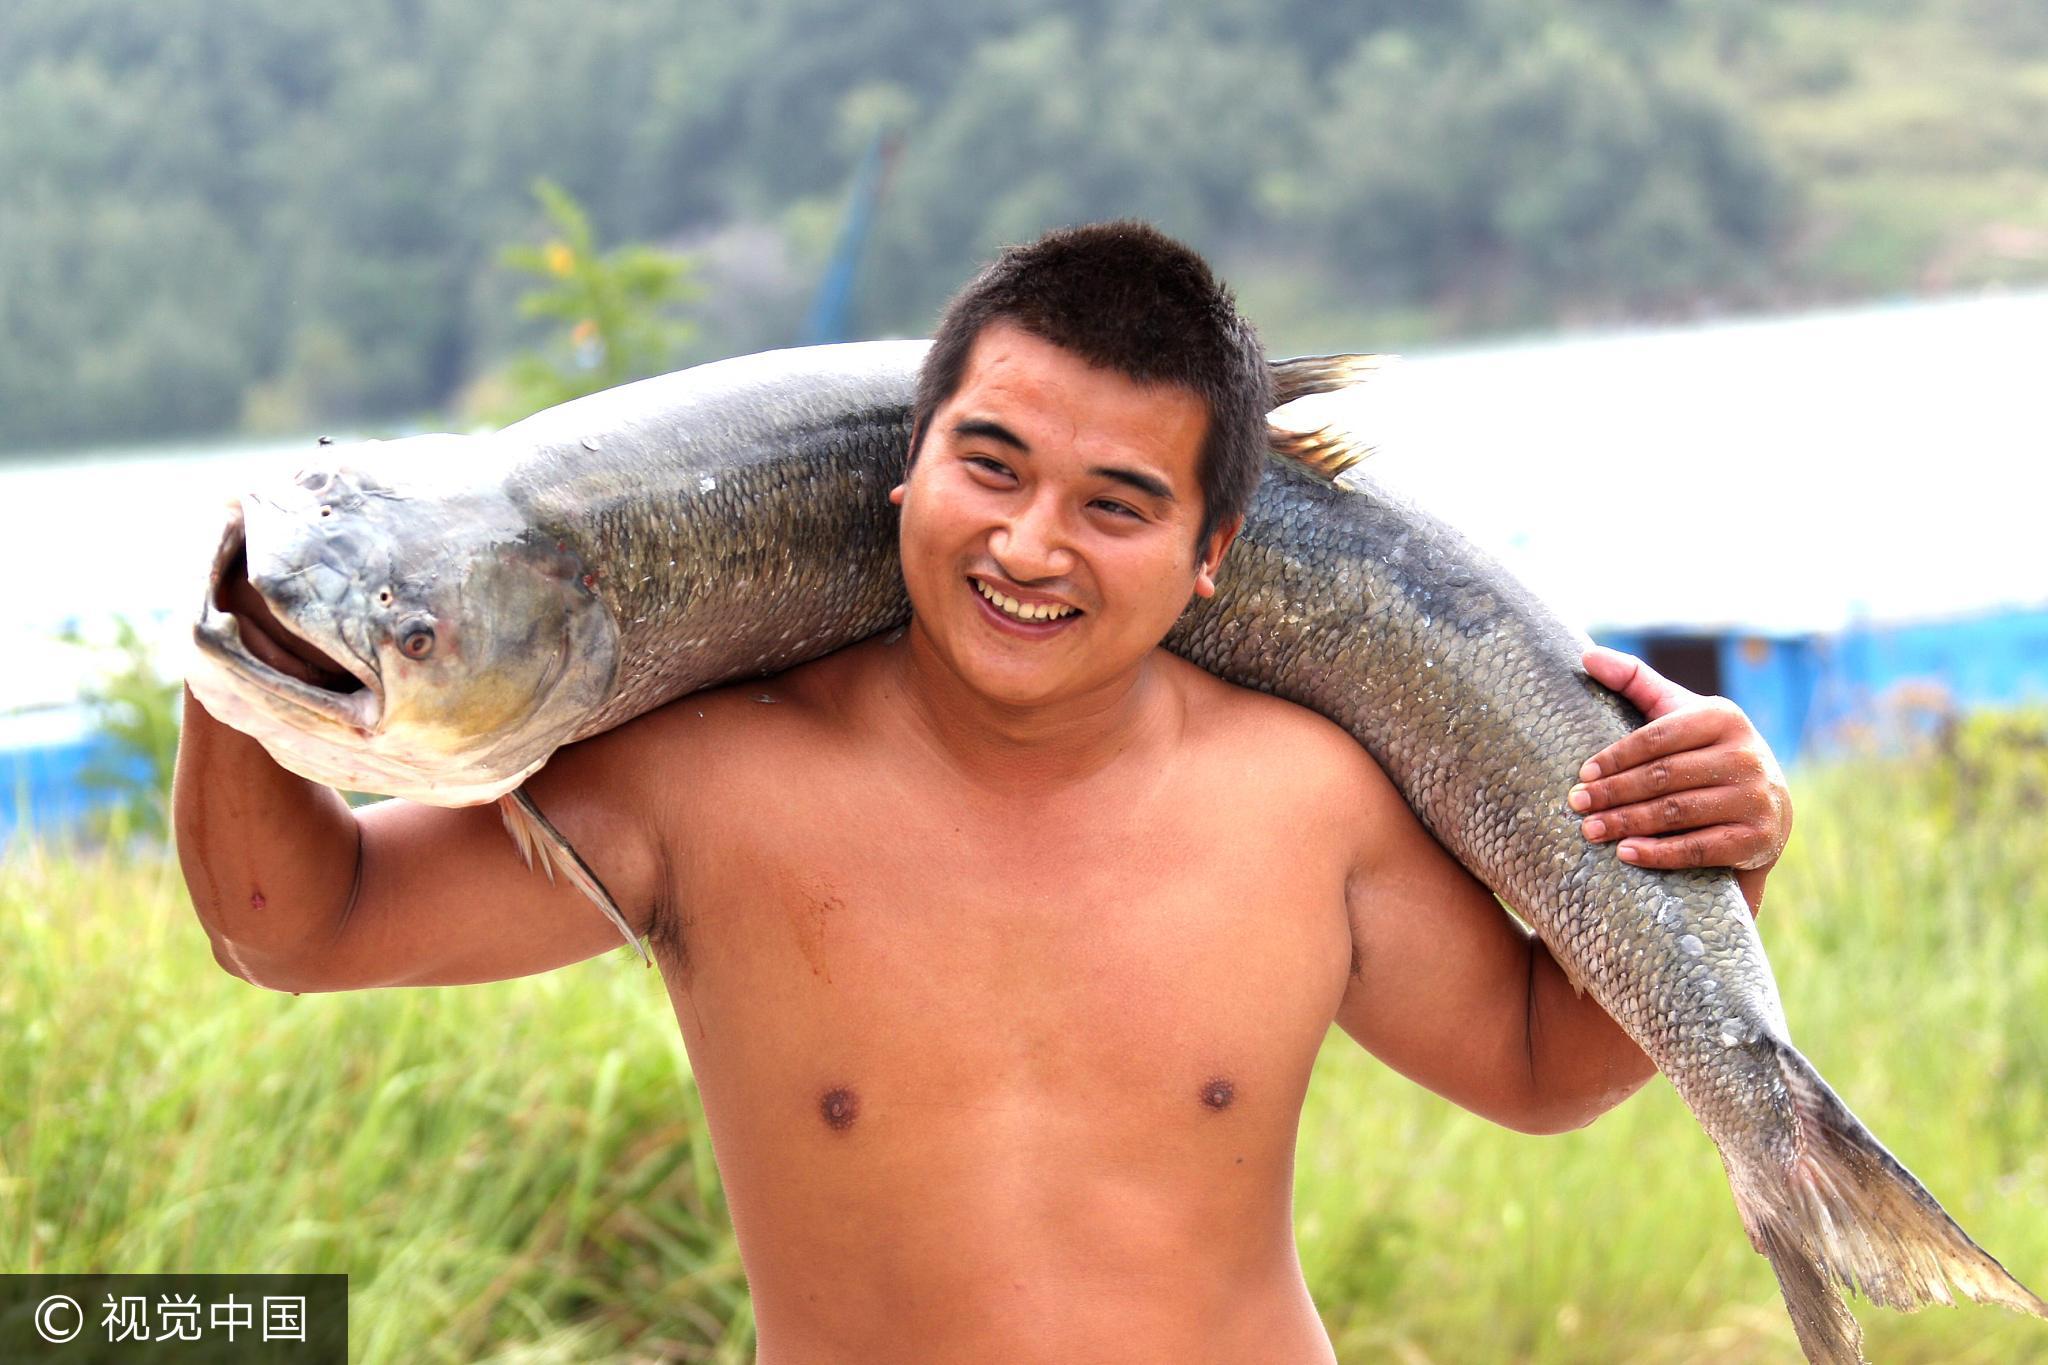 河南捕鱼者布阵捉鱼王 鱼和人一样高 - 周公乐 - xinhua8848 的博客